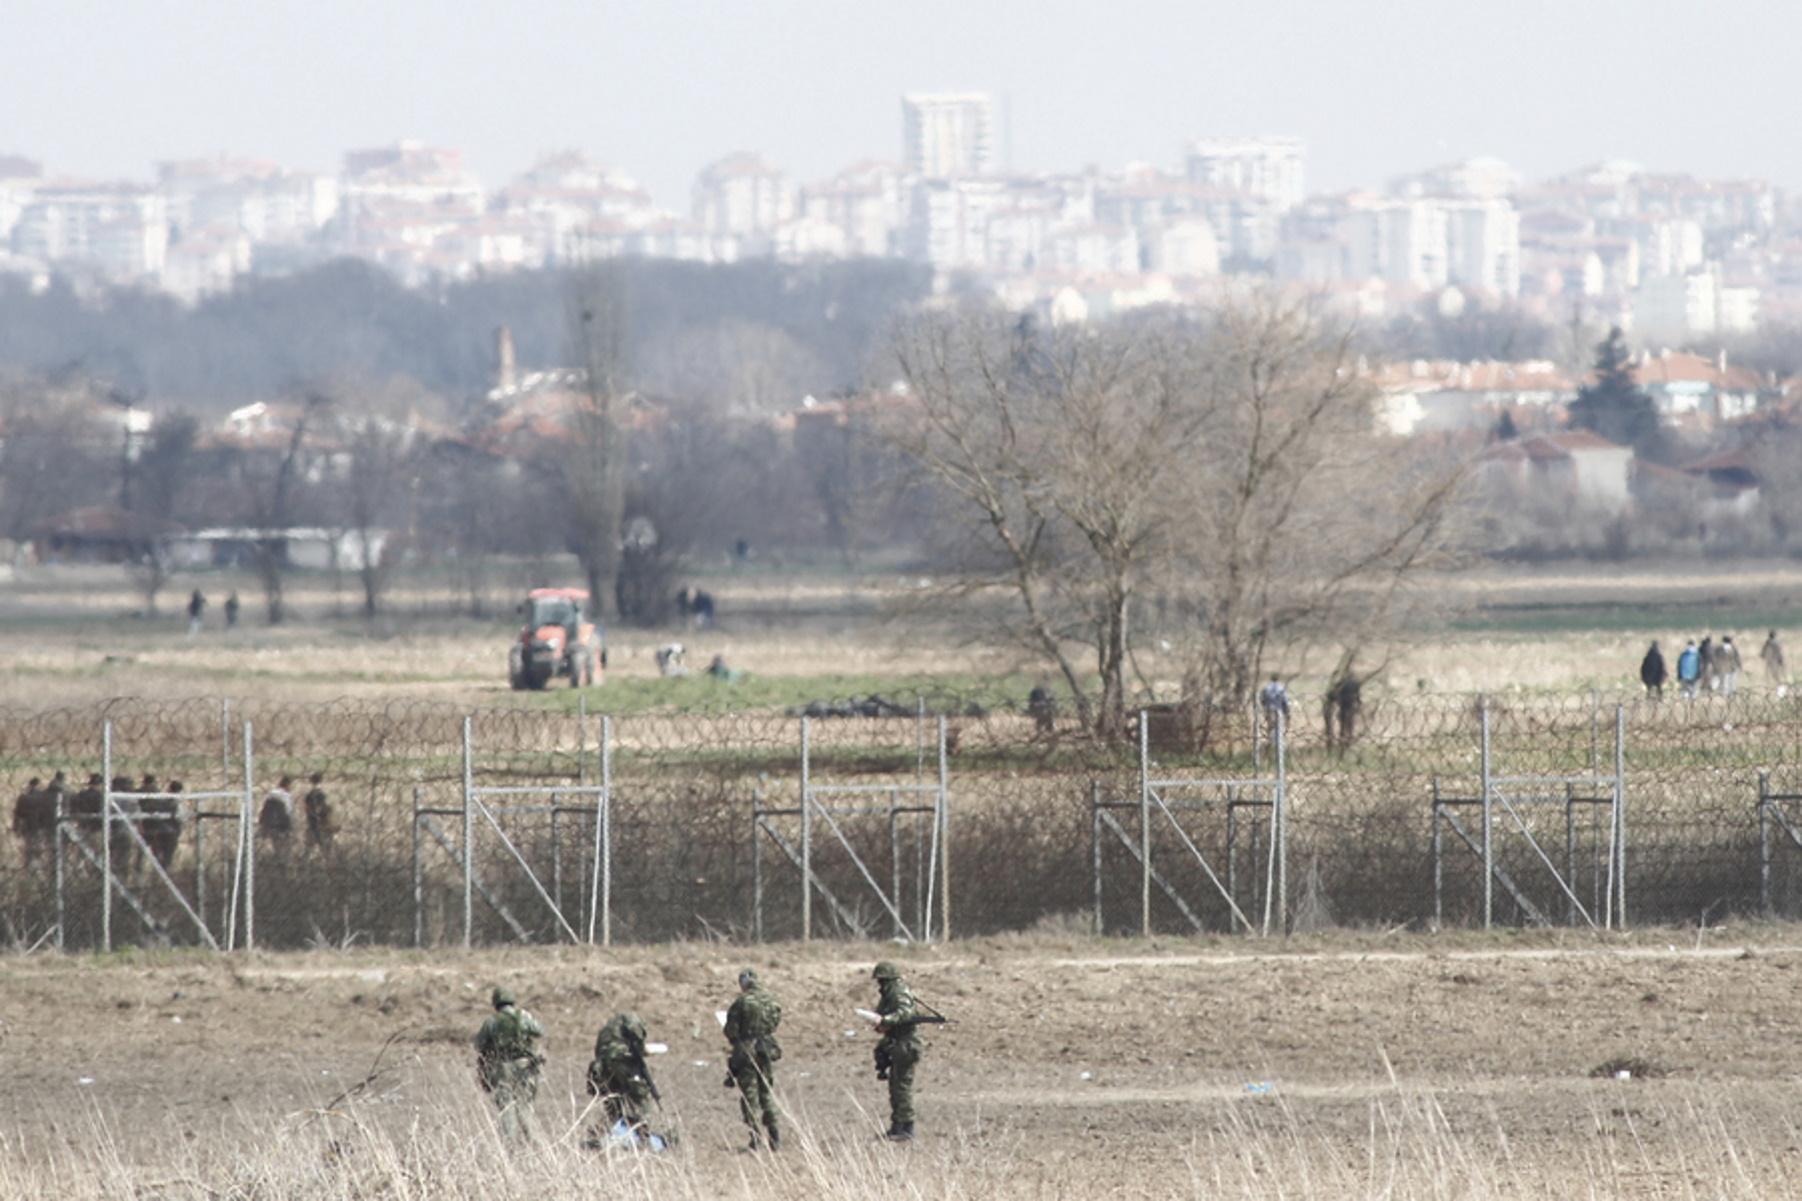 Αντιπεριφερειάρχης Έβρου: Συχνοί οι πυροβολισμοί από την τουρκική πλευρά